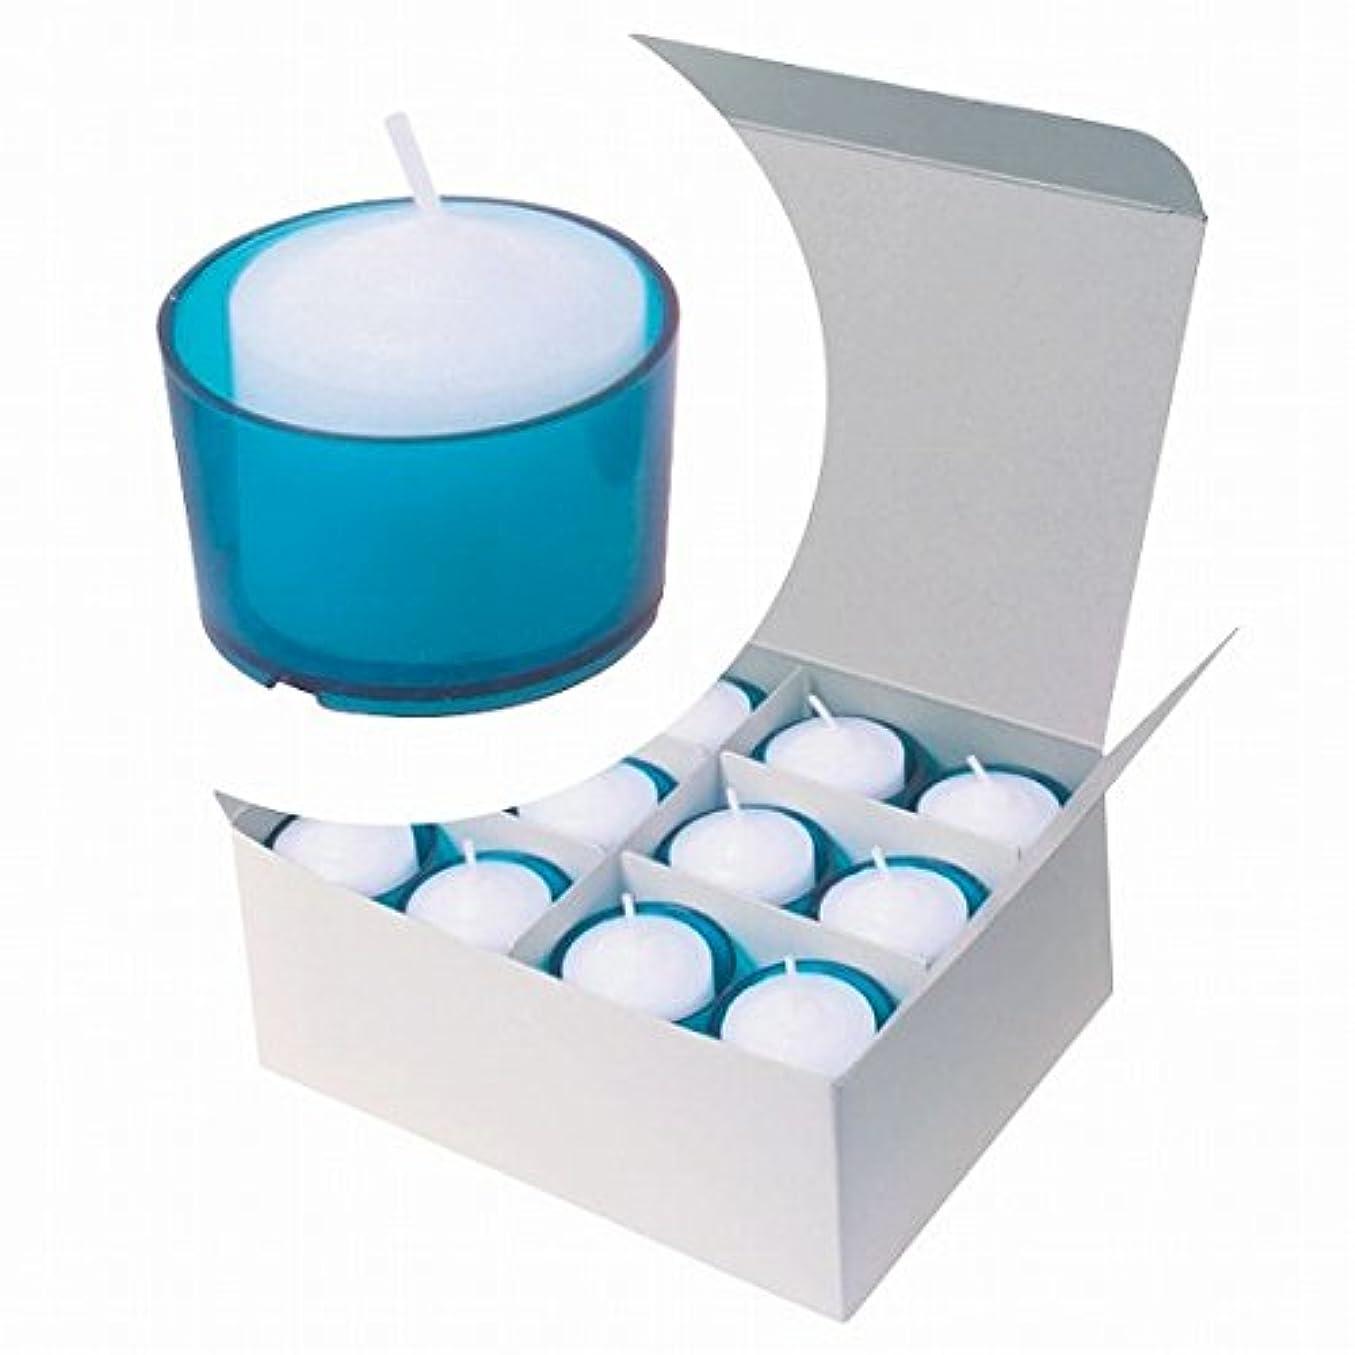 直径休戦びんカメヤマキャンドル(kameyama candle) カラークリアカップボーティブ6時間タイプ 24個入り 「 ブルー 」